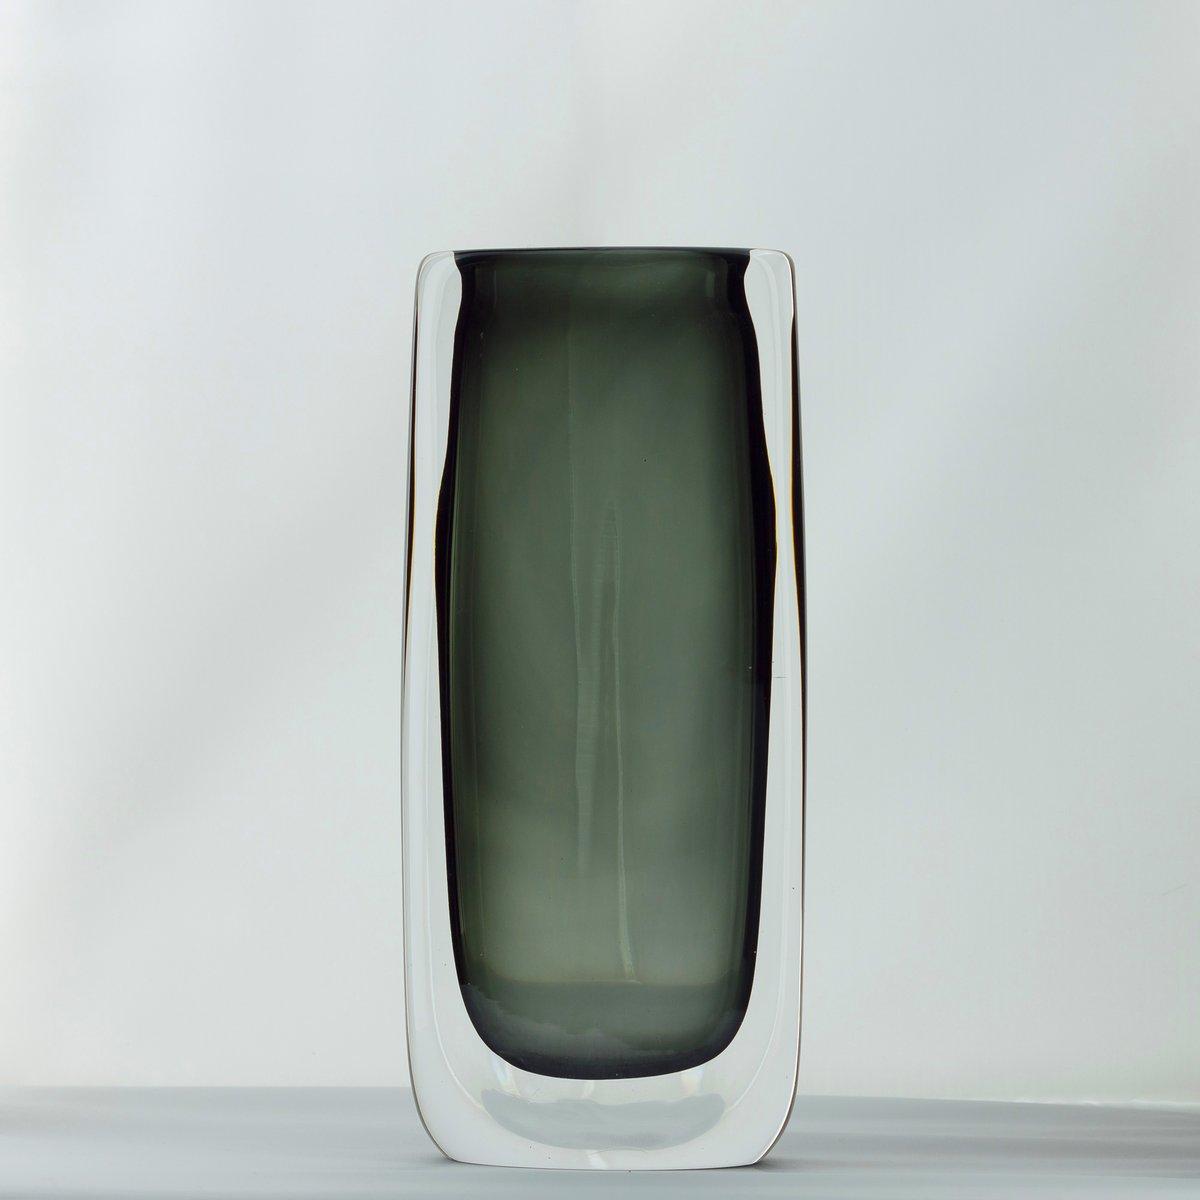 Vintage sommerso glasvase von nils landberg f r orrefors - Glasvase vintage ...